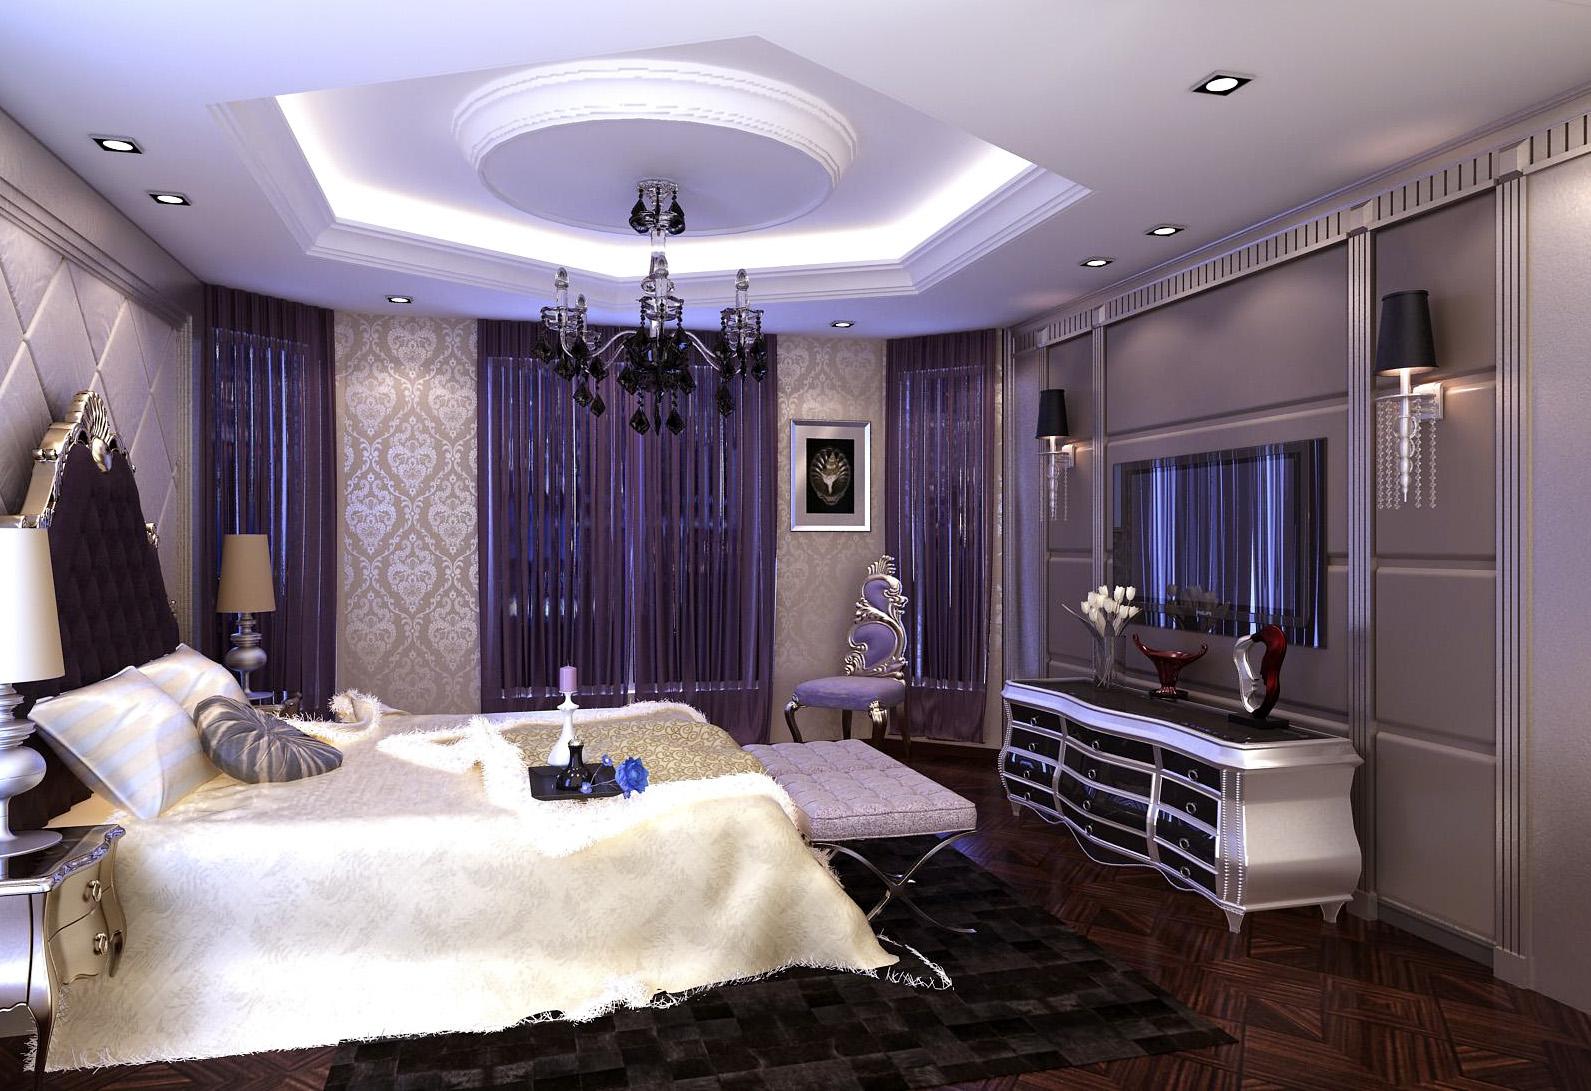 欧式 混搭 别墅 卧室图片来自设计精英在别墅设计的分享